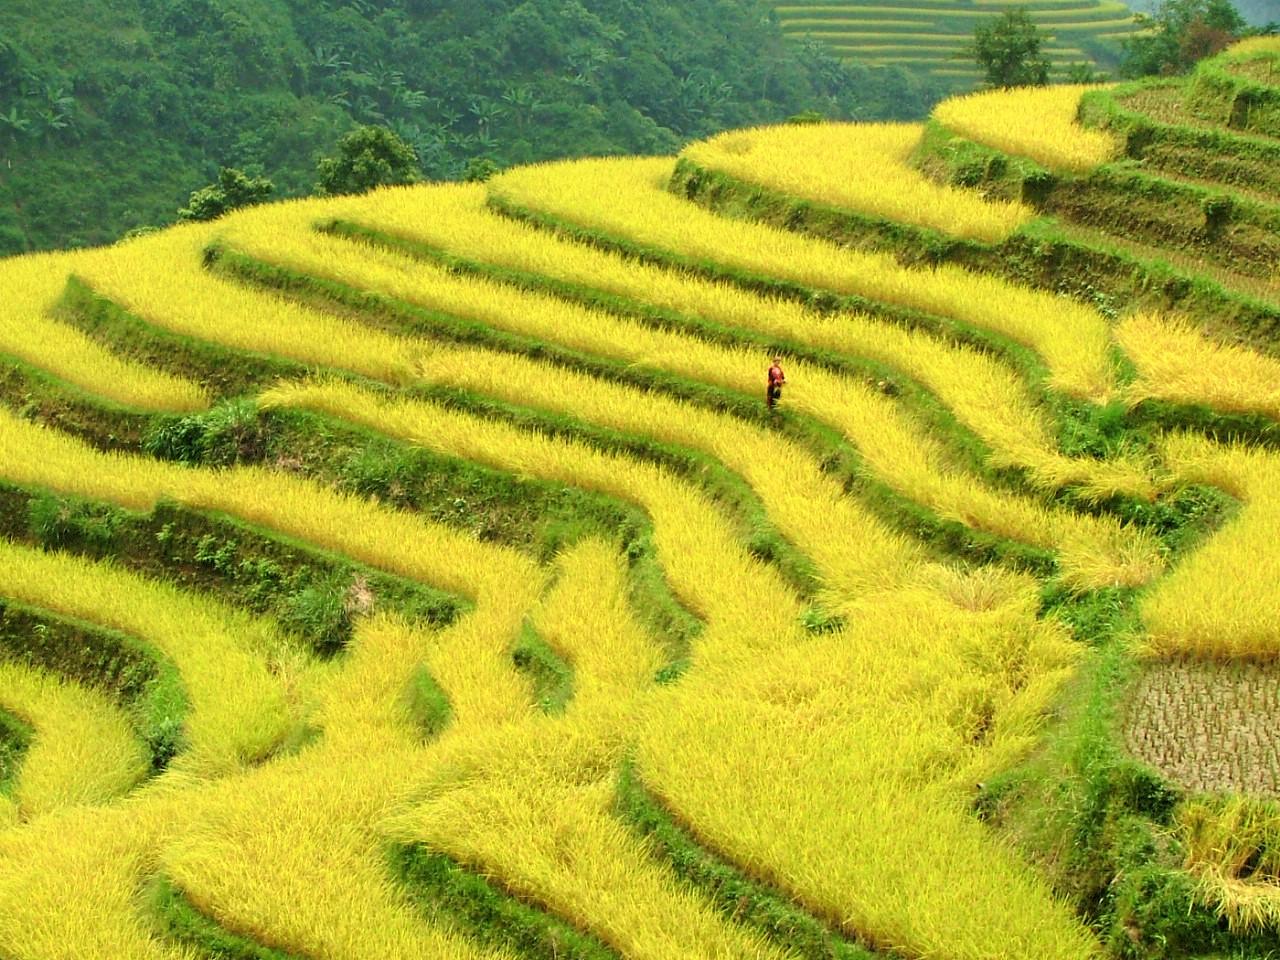 ベトナムの国家遺産になっているホアンスーフィー棚田とタパンザオ族(初秋)